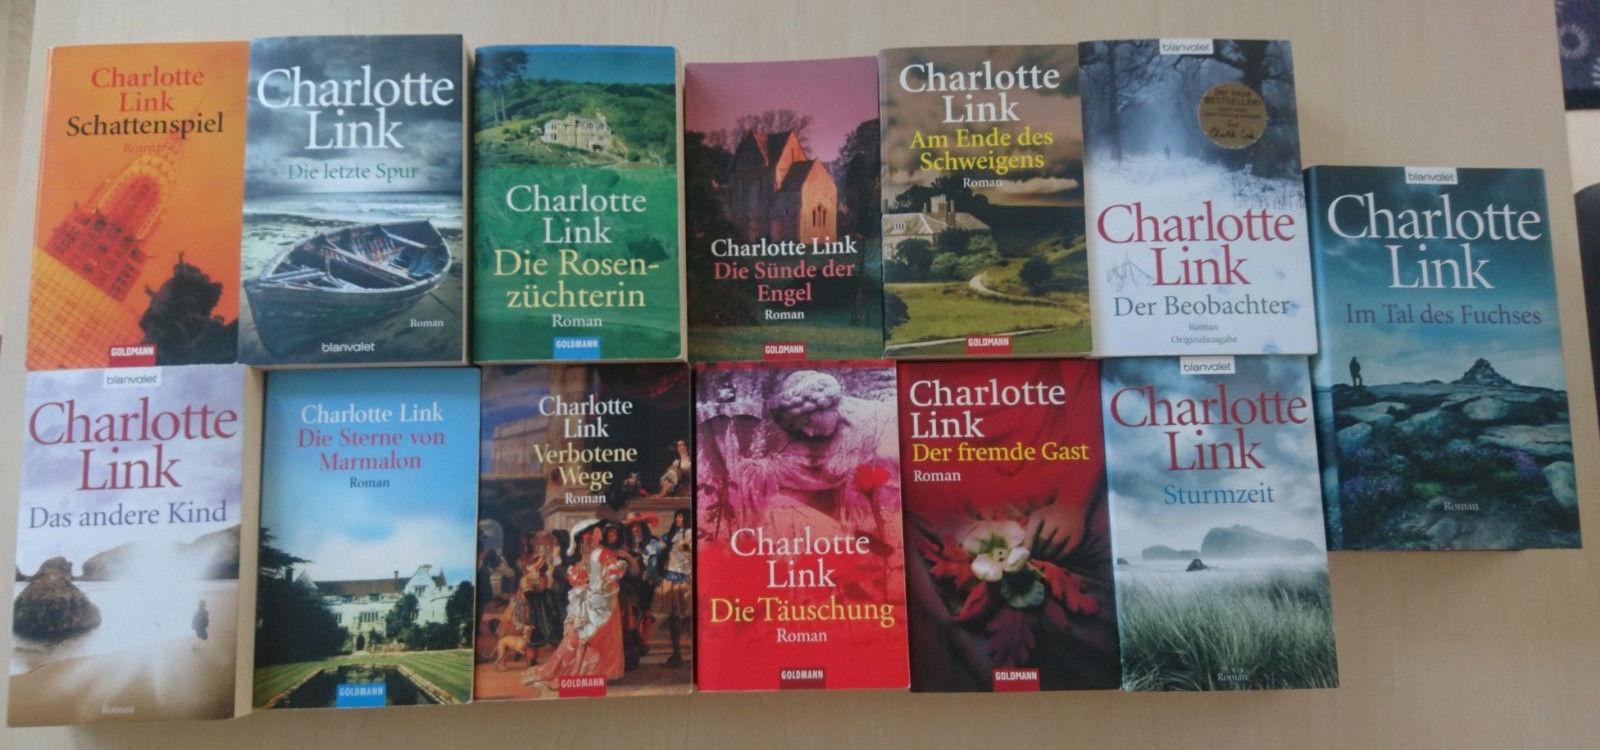 Charlotte Link Bücherpaket Sammlung (13 Bücher)